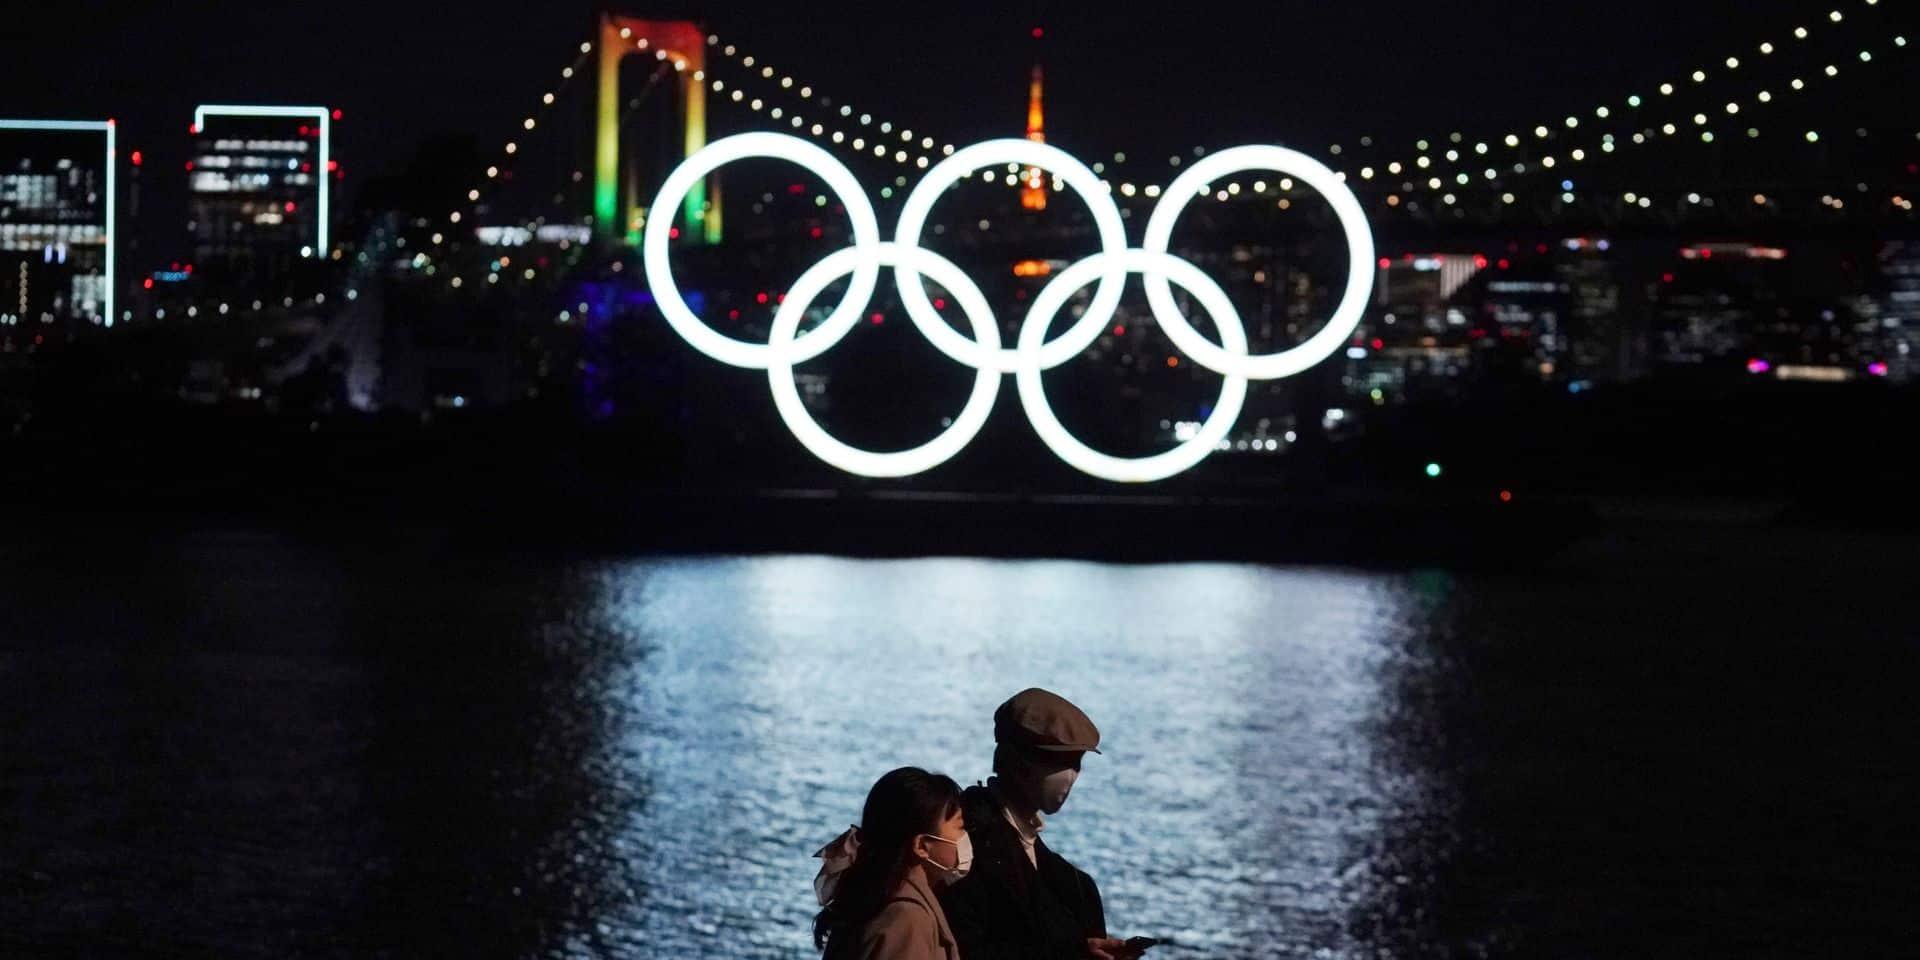 Les athlètes seront soumis à des règles très strictes aux JO 2020 de Tokyo